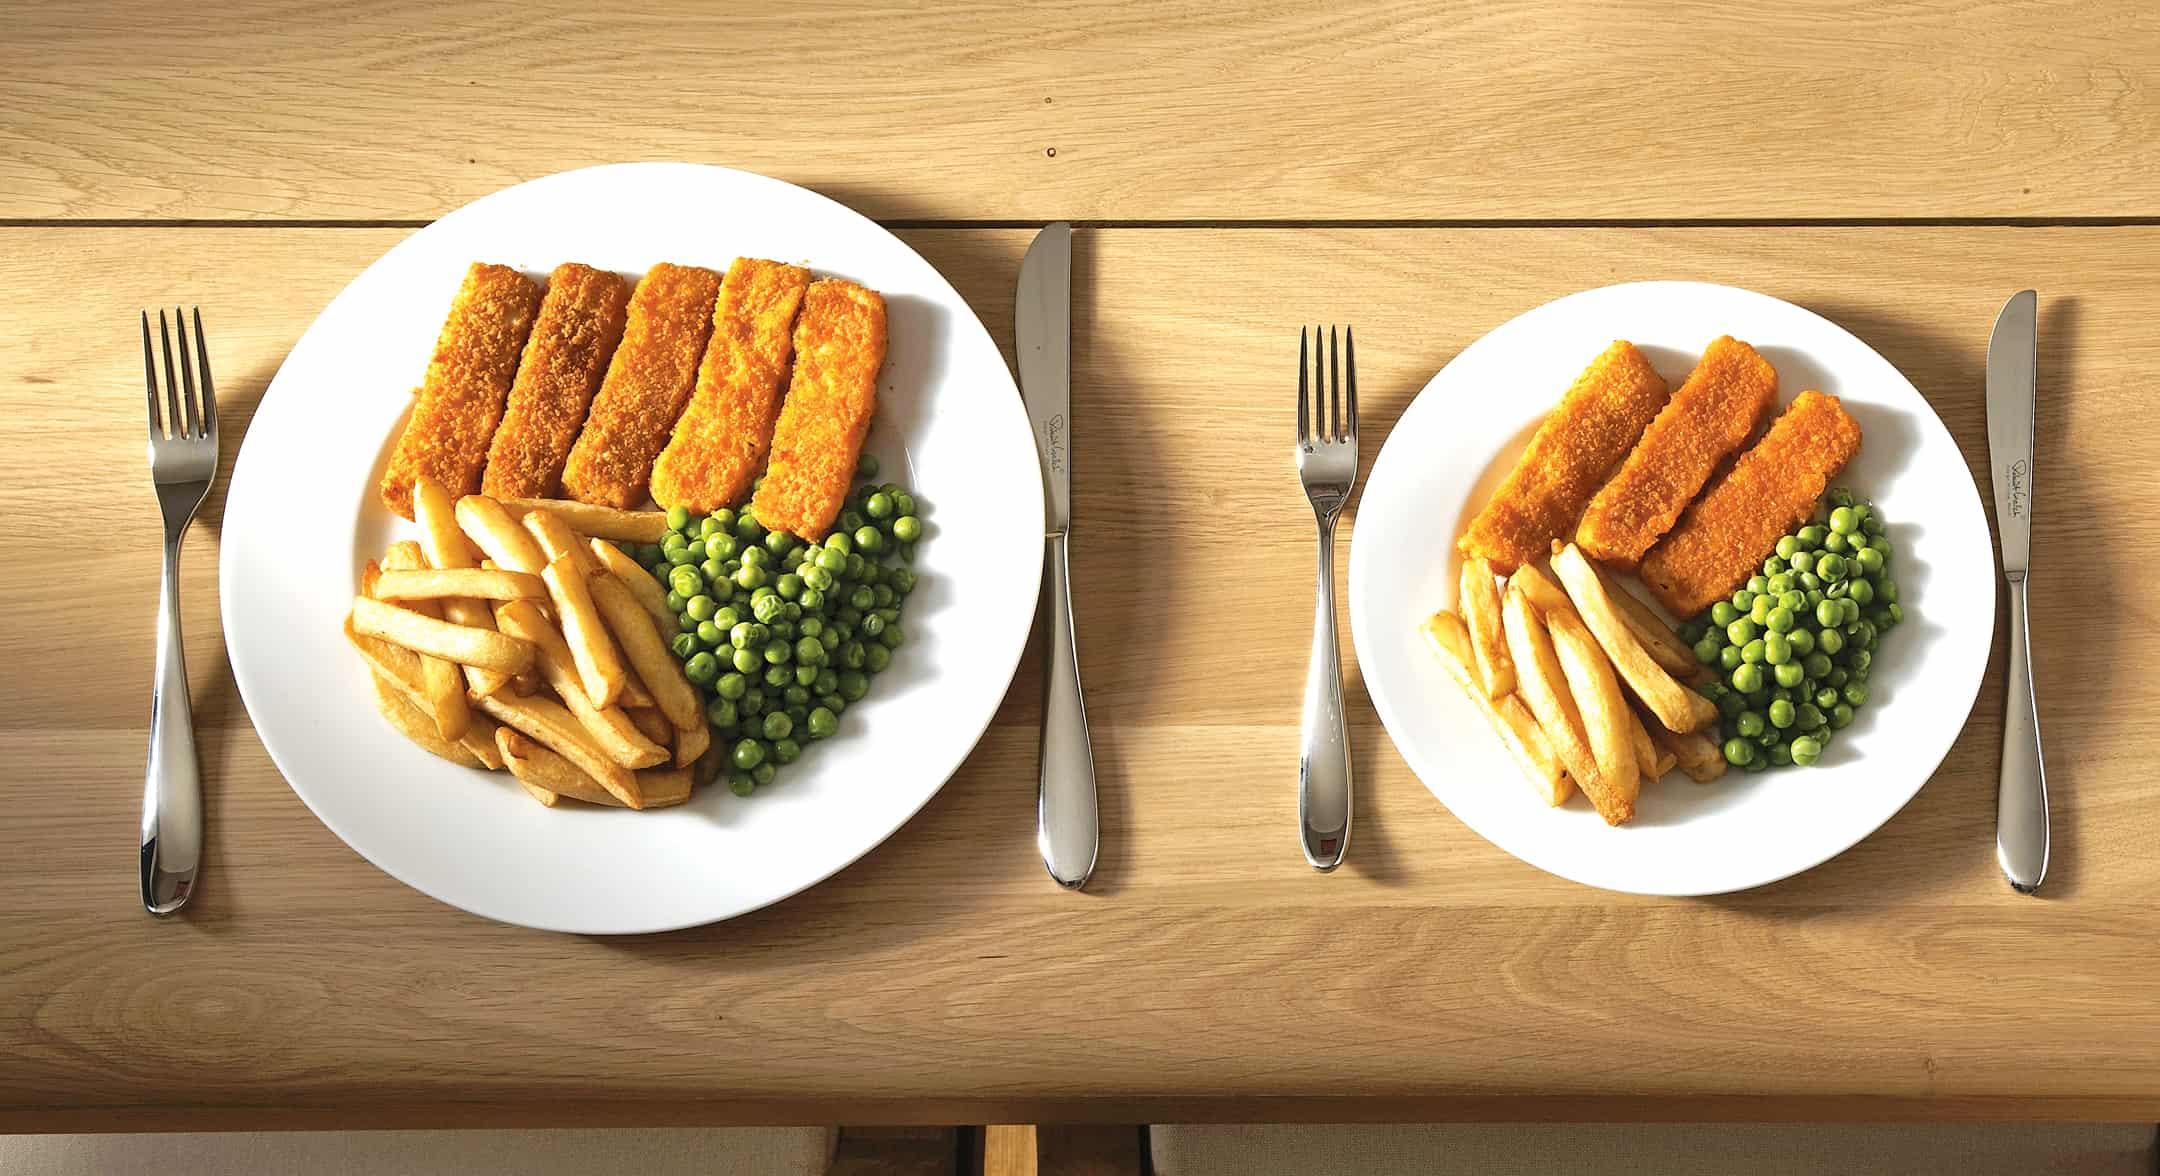 2- كيف أنقص وزني : استخدام أطباق أصغر للأغذية غير الصحية